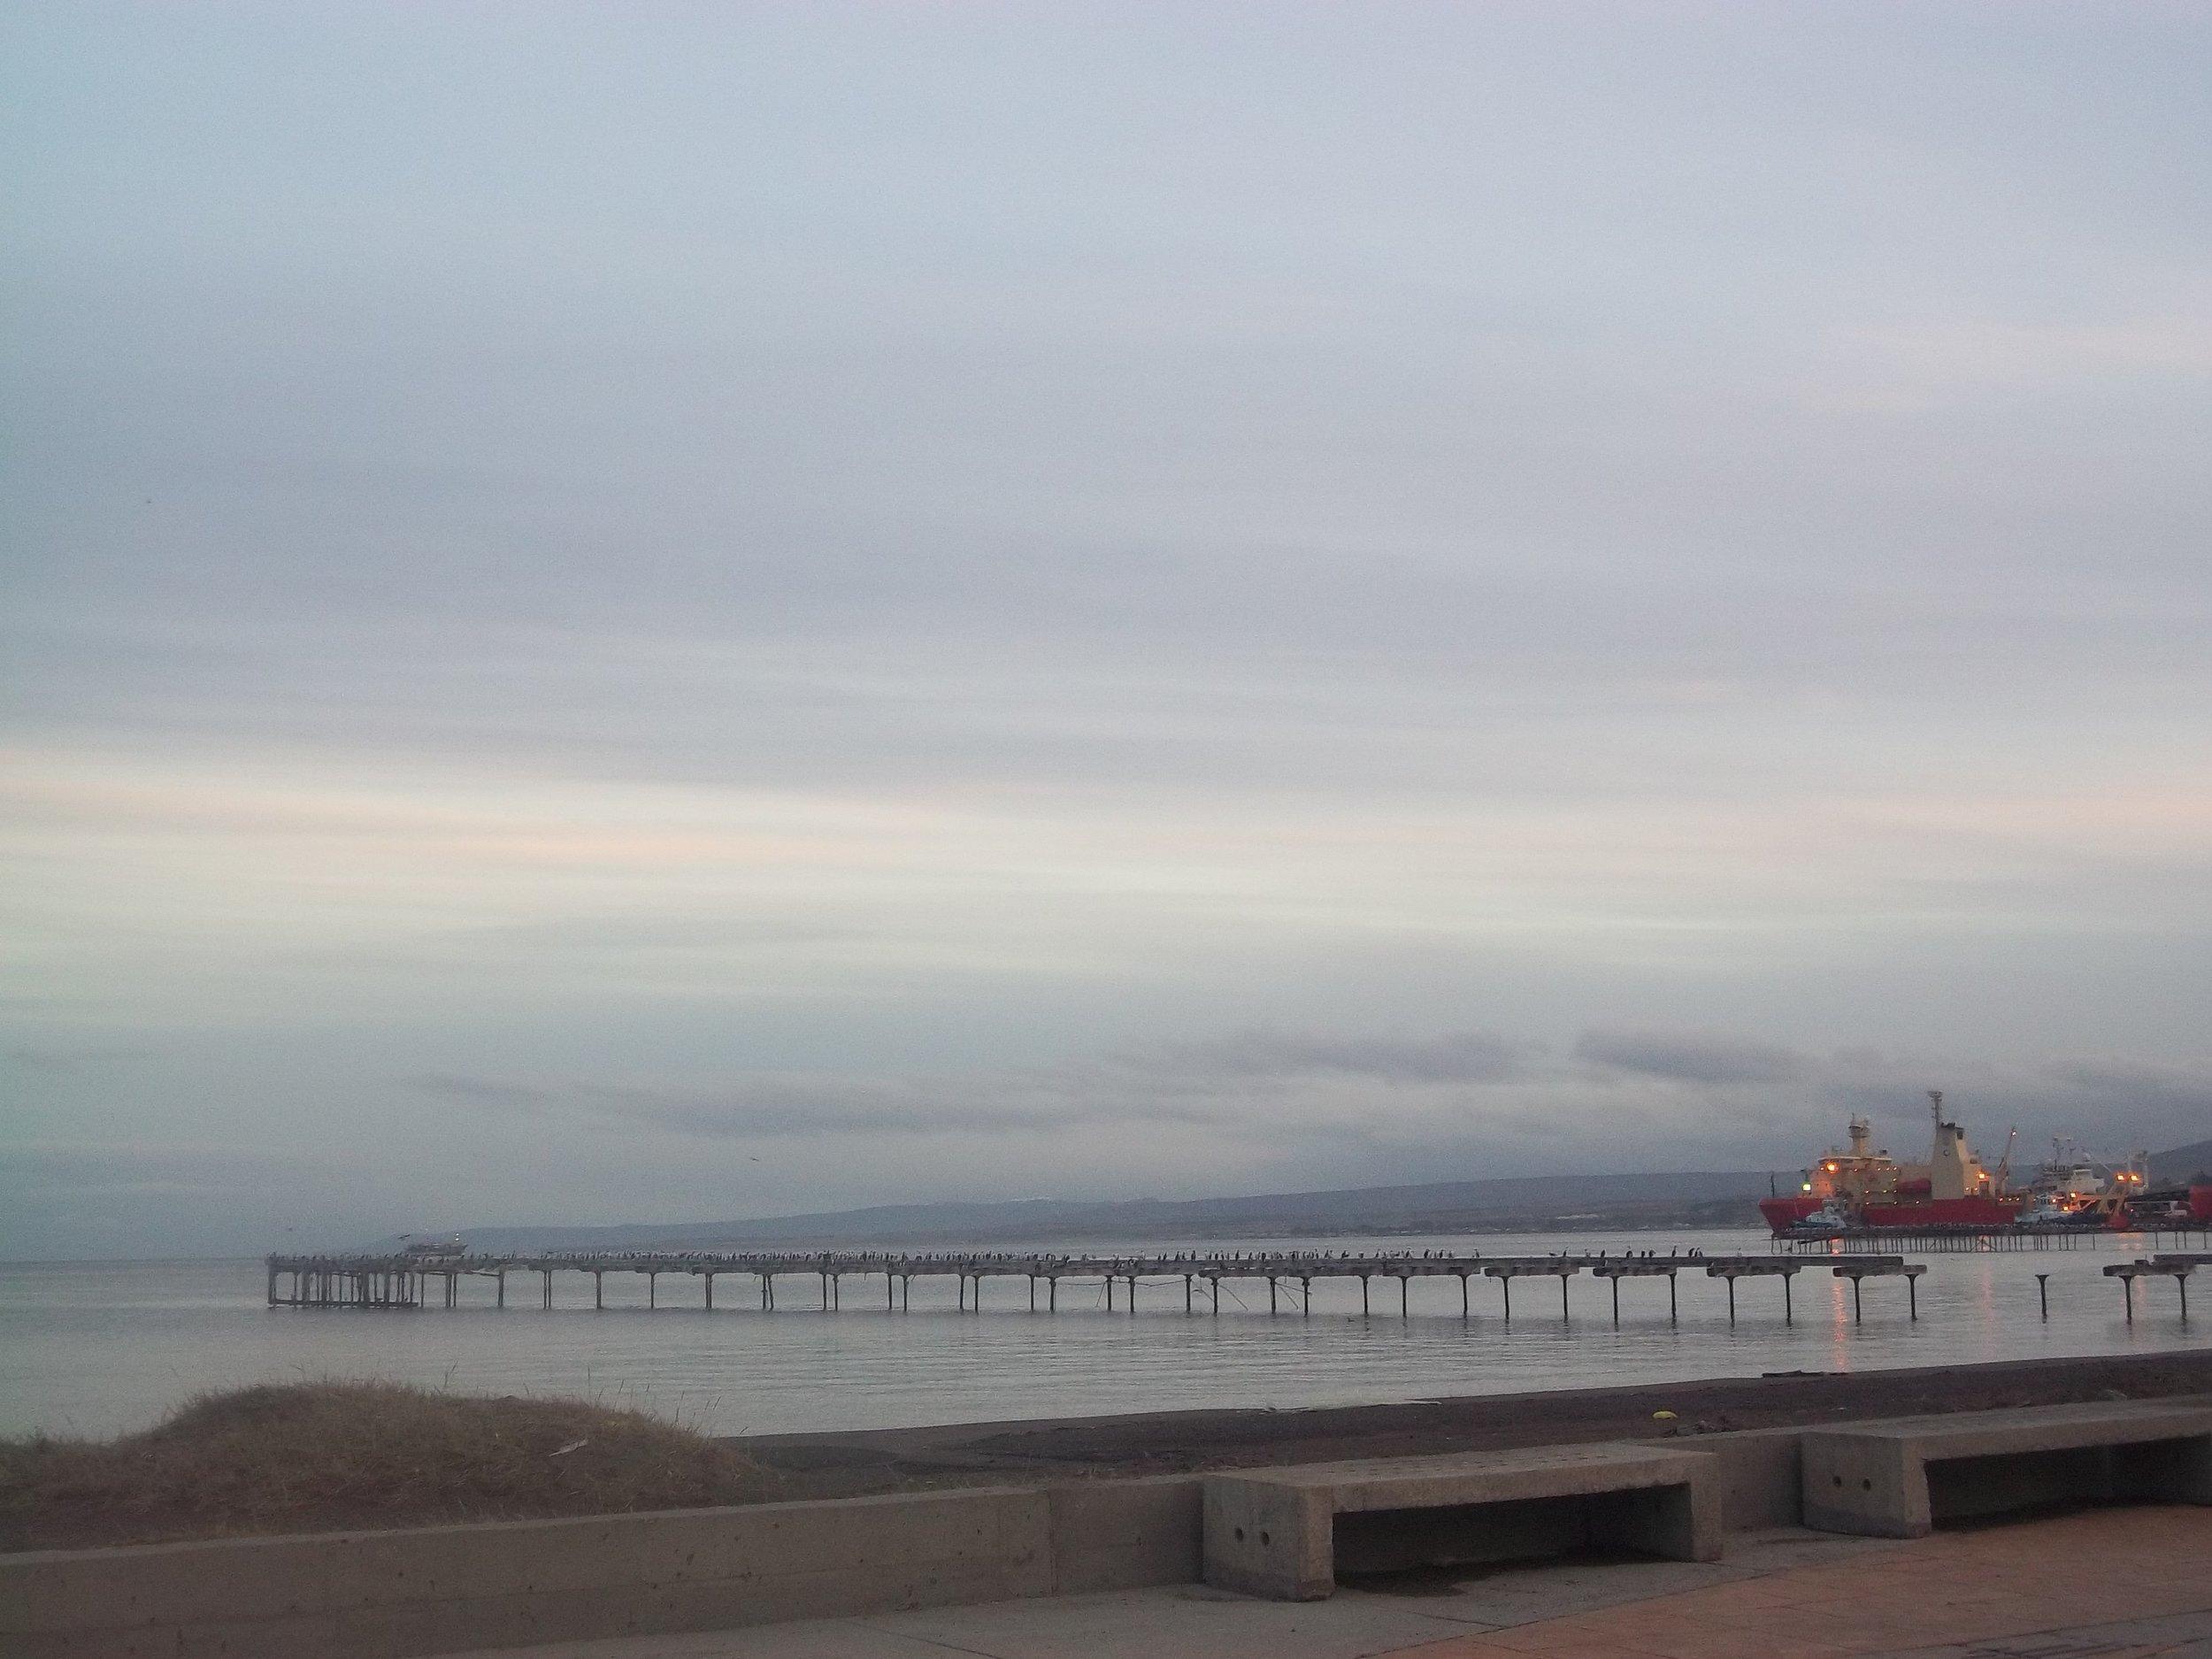 punta arenas, chile 2013